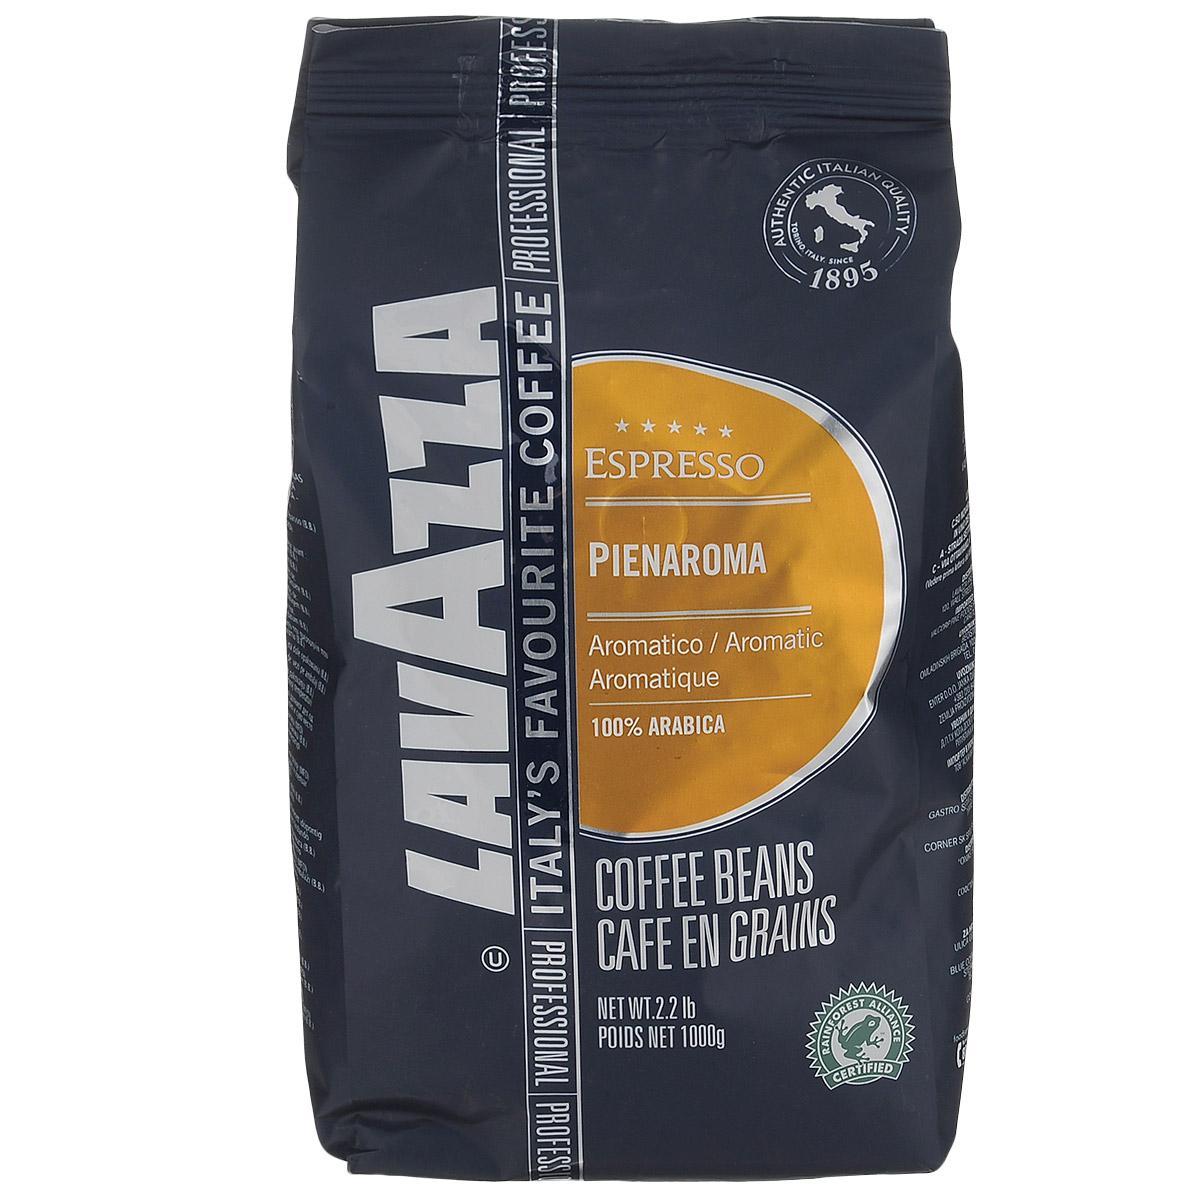 Lavazza Pienaroma кофе в зернах, 1 кг8000070023017Lavazza Pienaroma - это изысканная смесь 100% Арабики, которая имеет особенно яркий аромат и деликатный вкус.